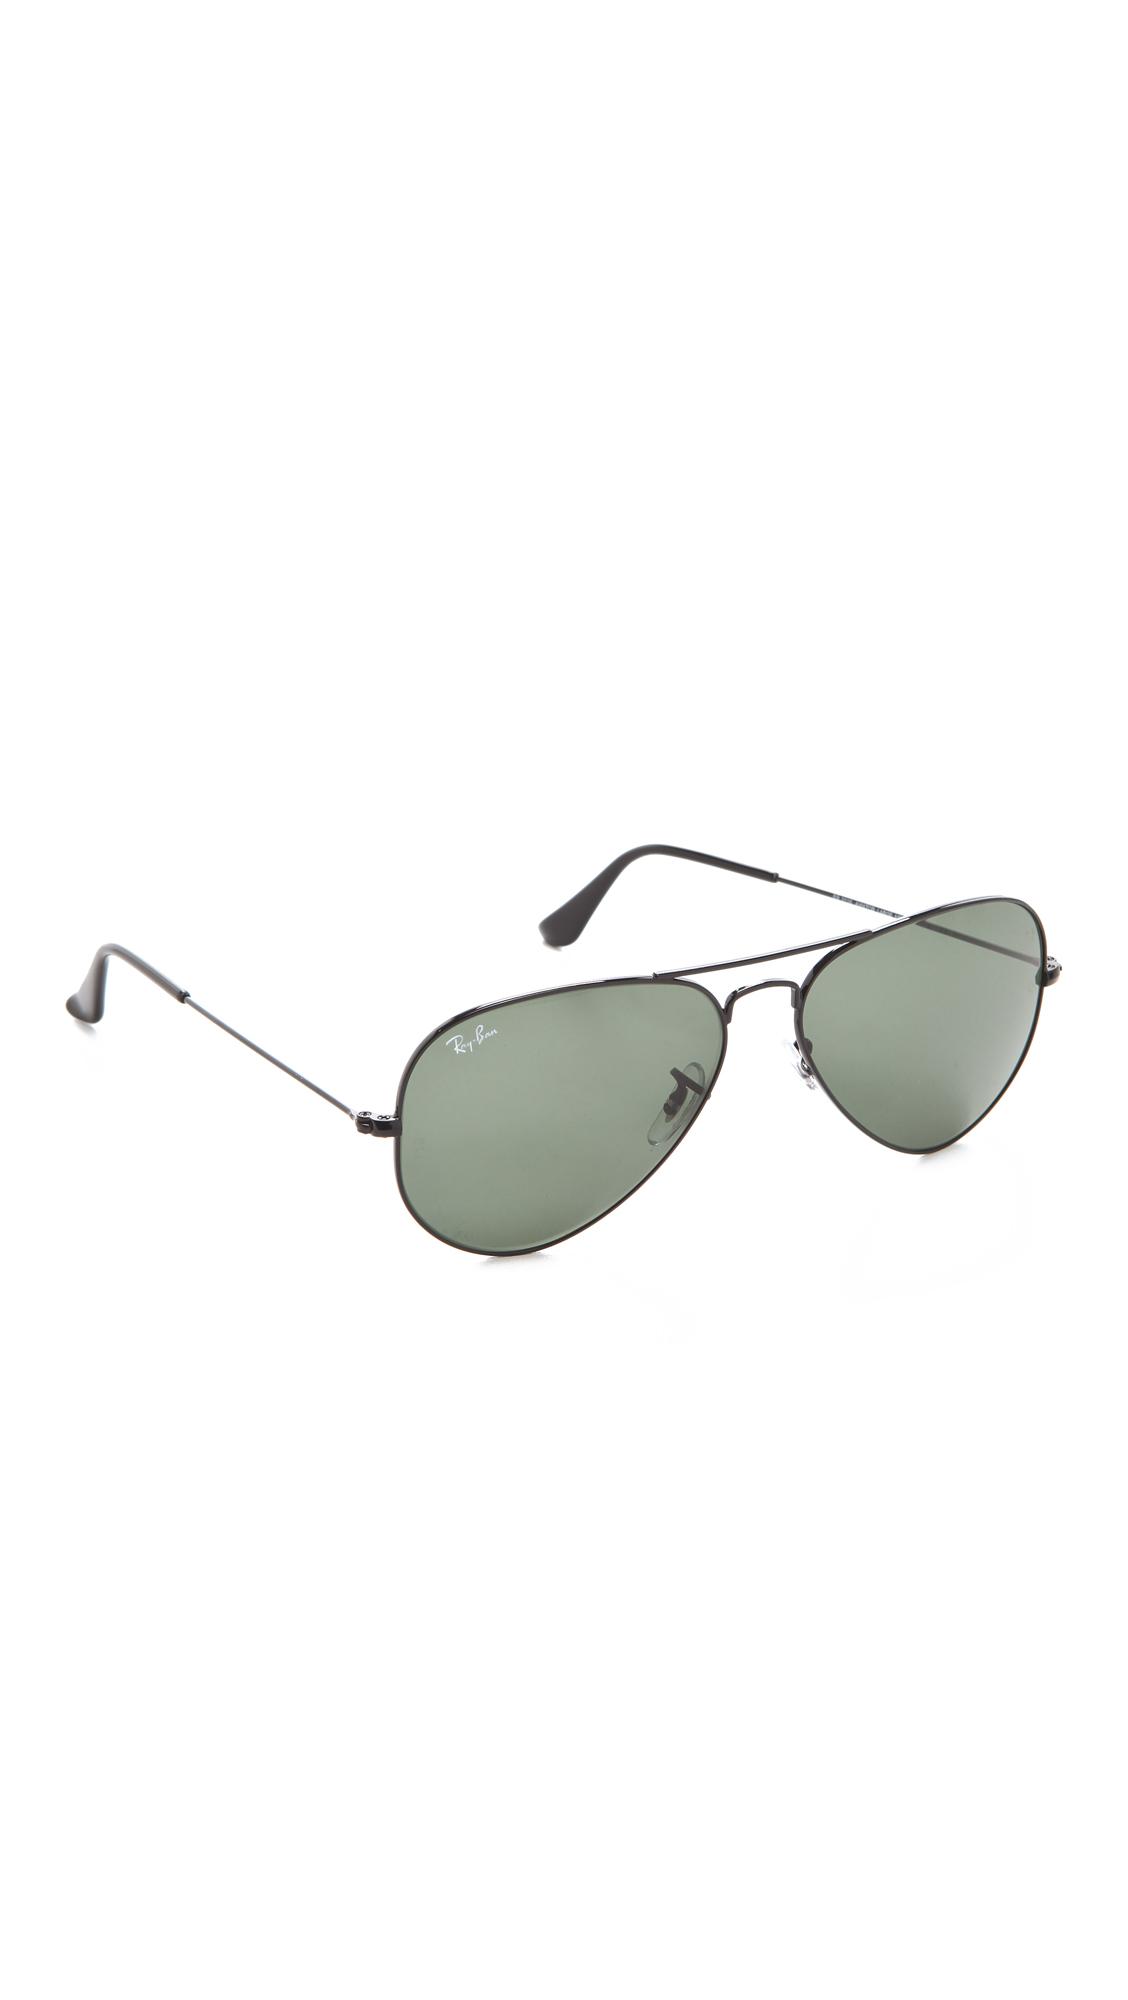 Ray-Ban Солнцезащитные очки-авиаторы | SHOPBOP